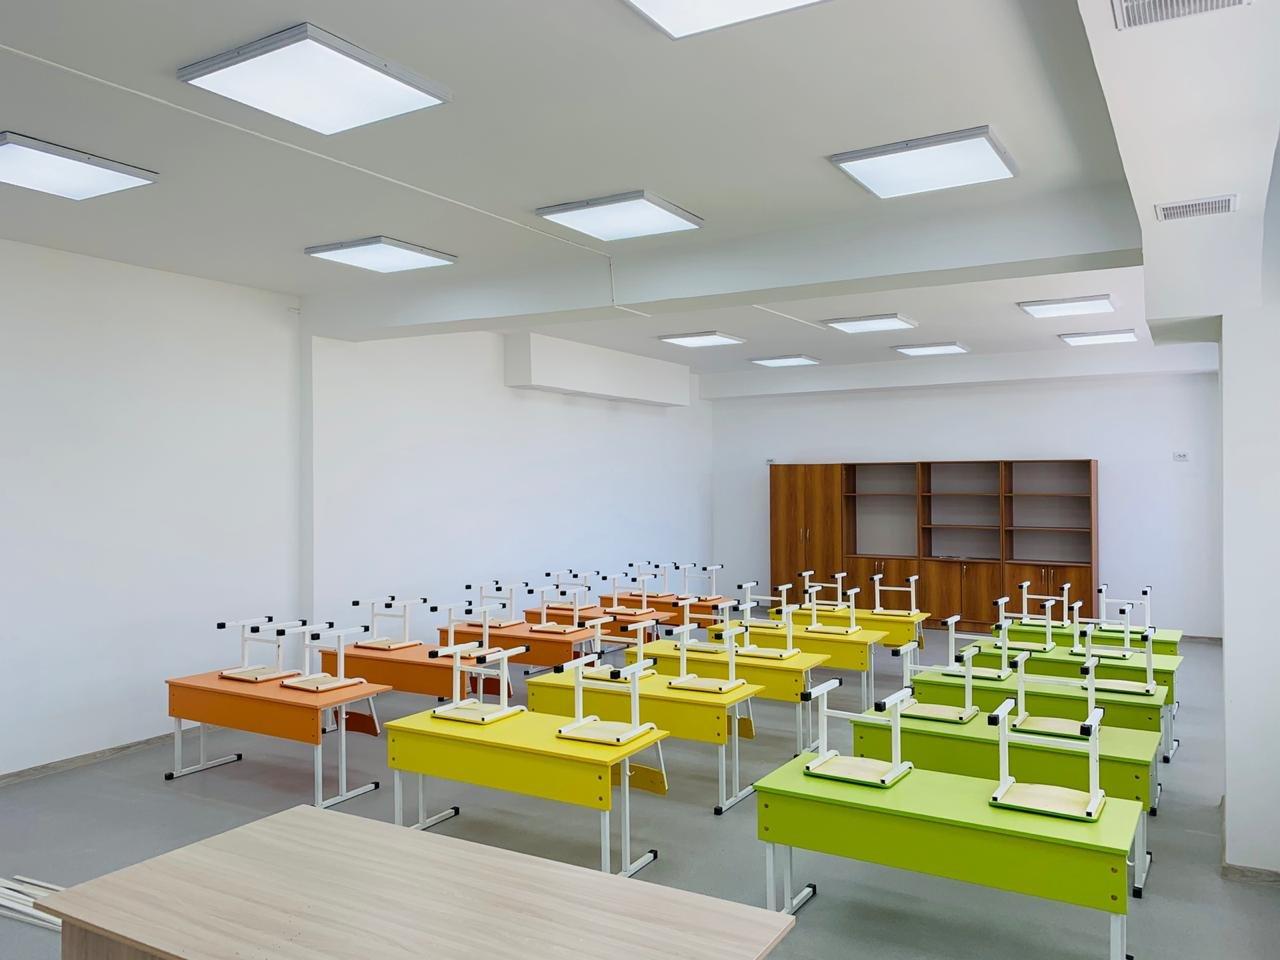 В двух школах Актау провели капитальный ремонт, фото-2